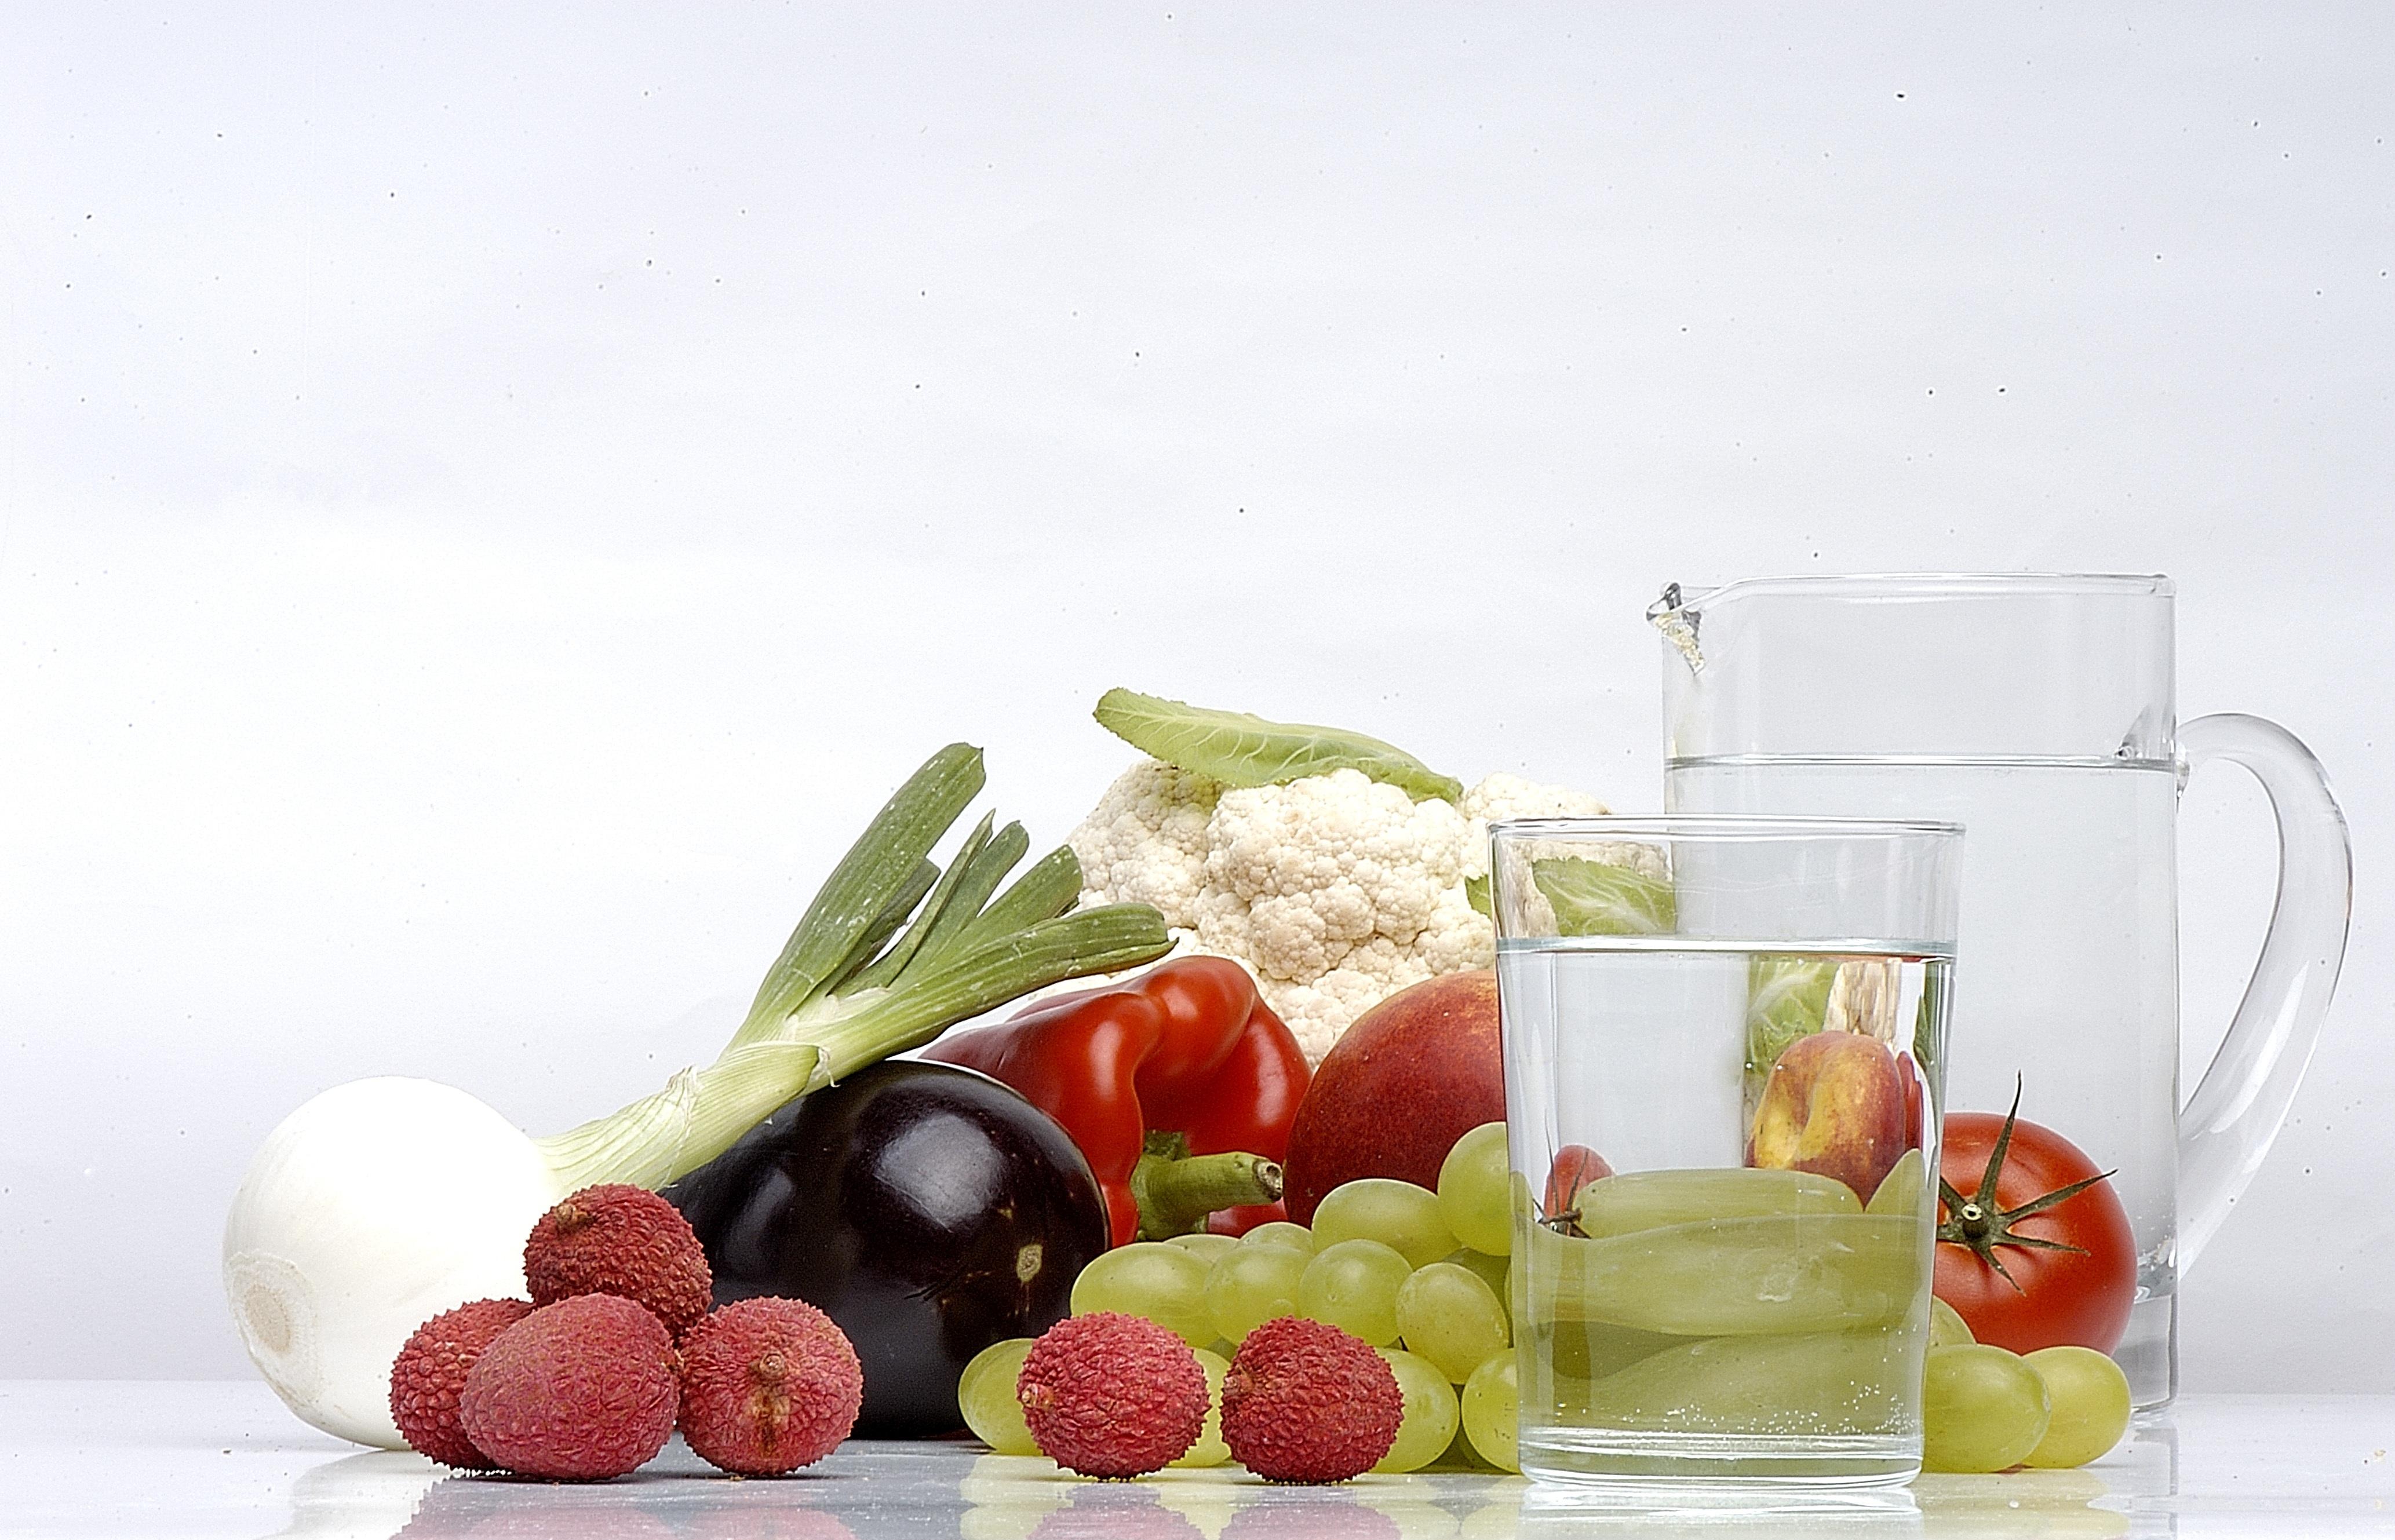 Fotoğraf Su Meyve Bardak Yaz Tabak Yemek Gıda Biber